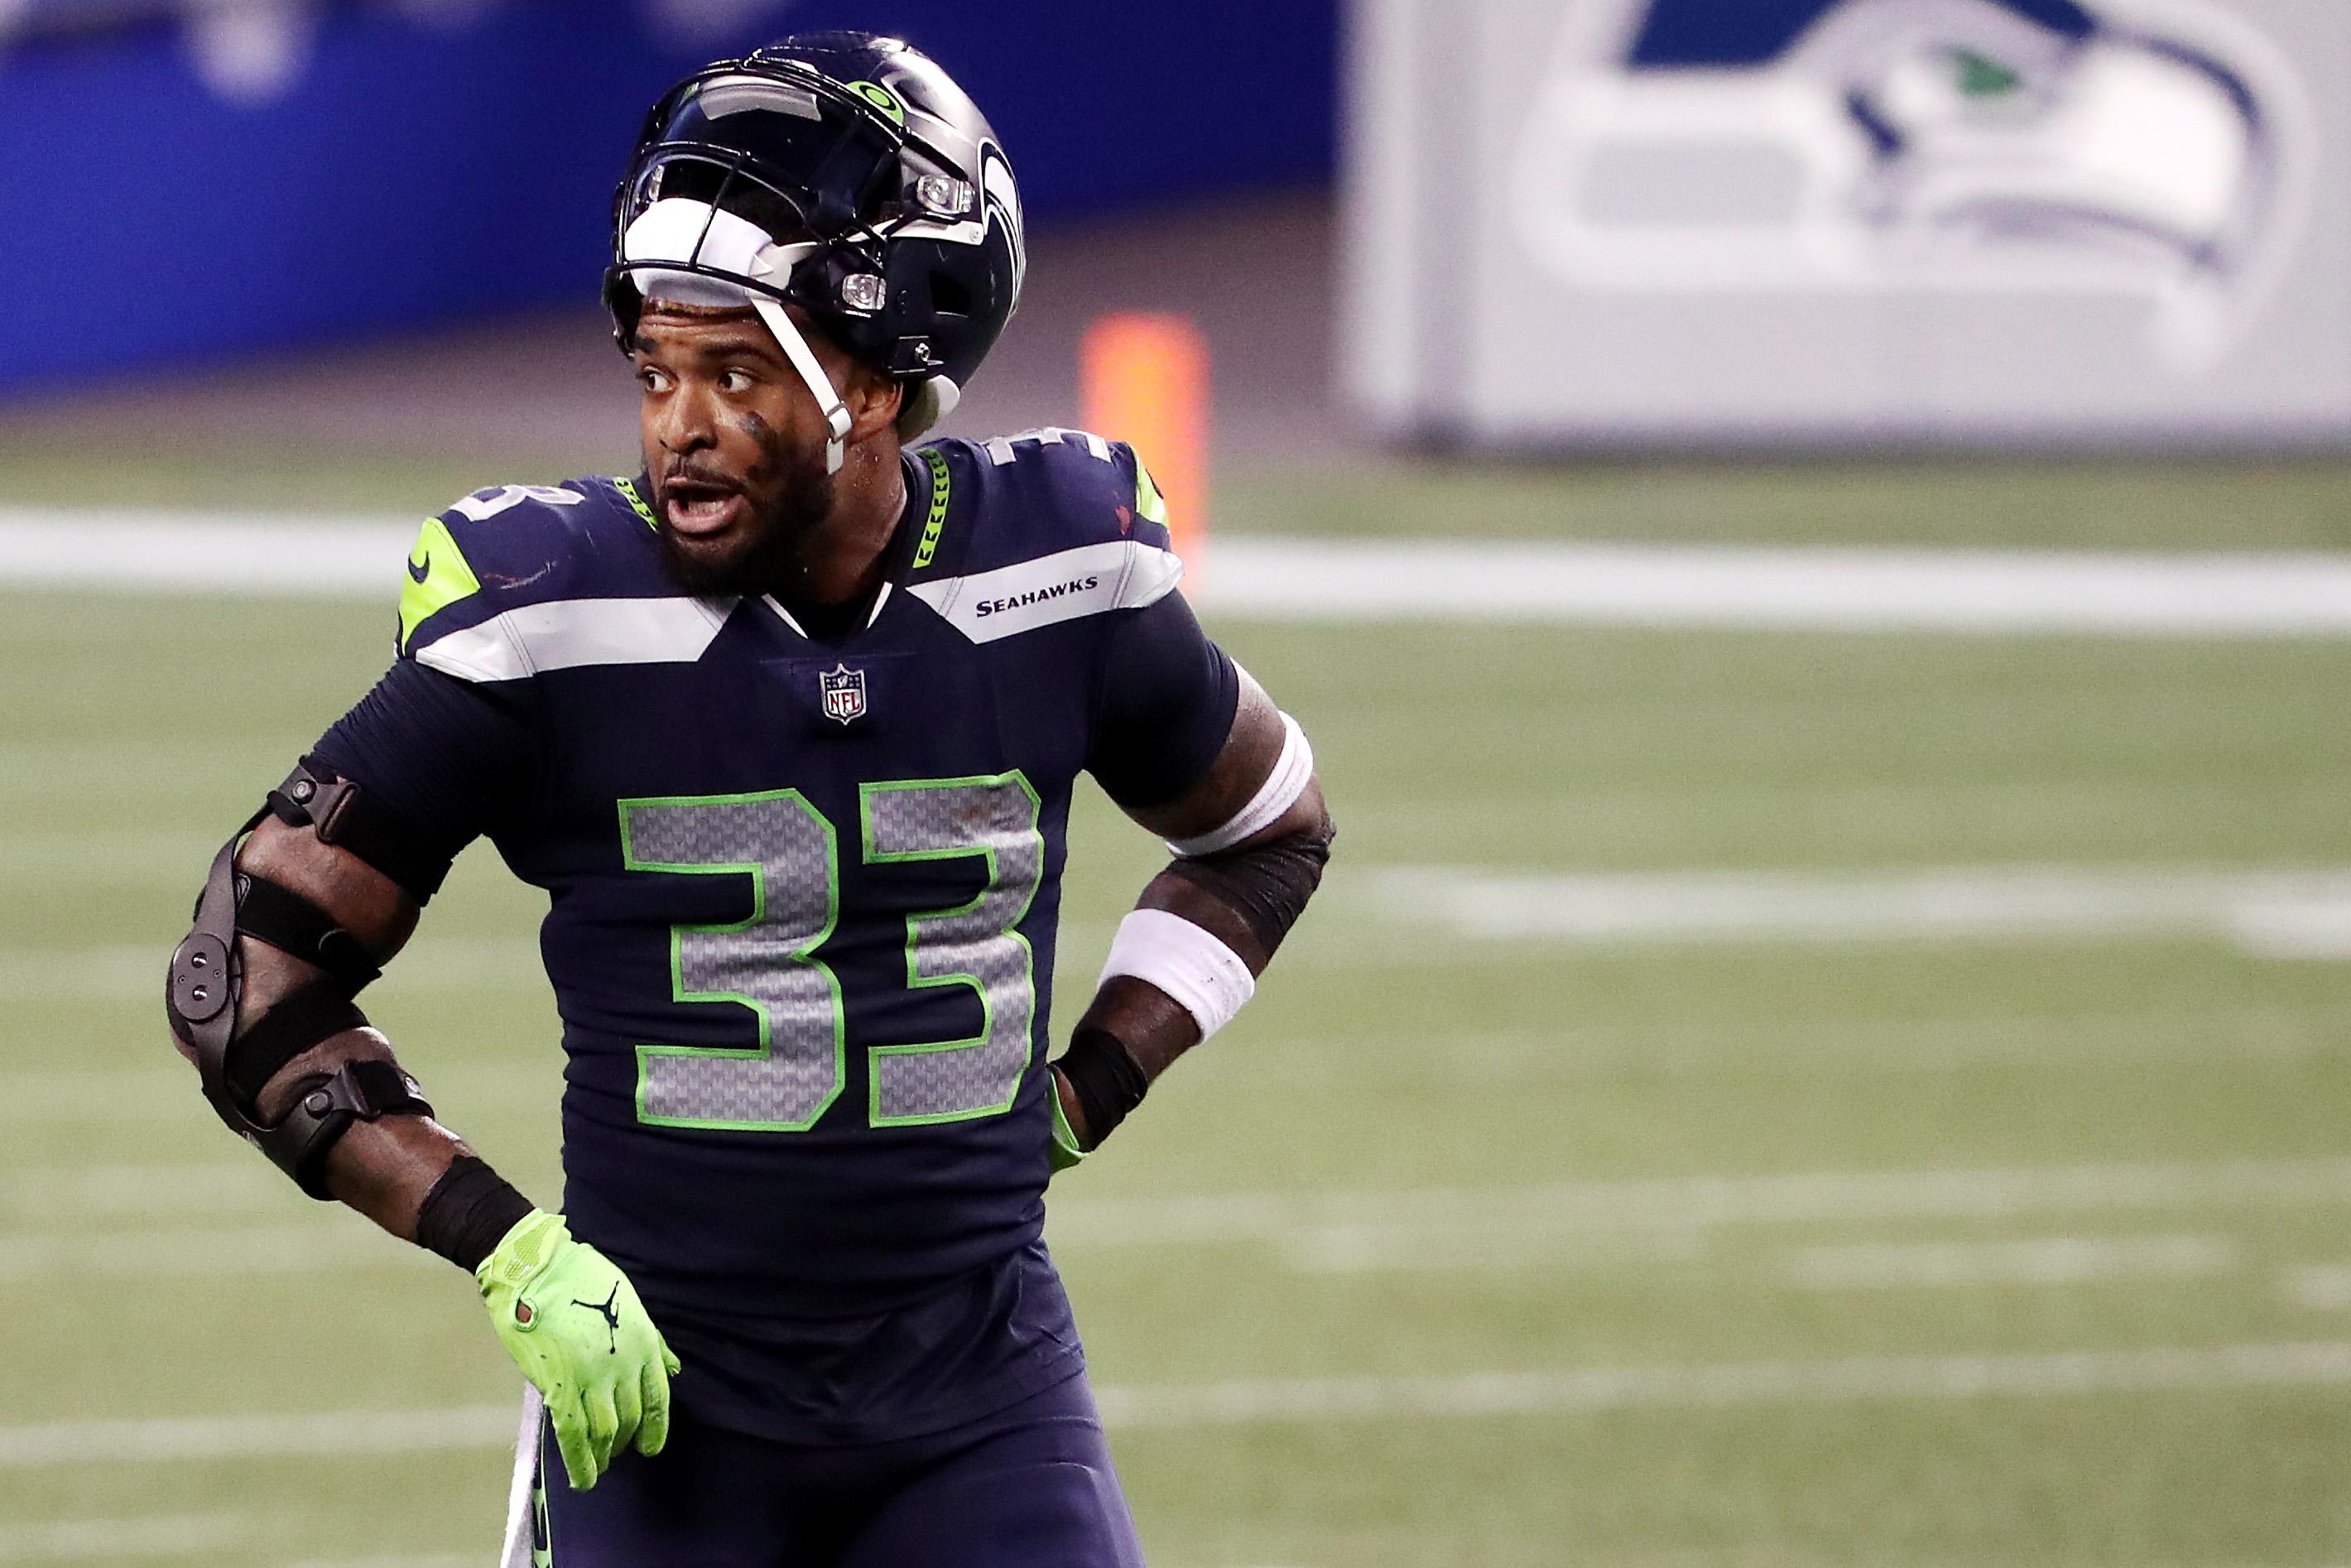 Jamal Adams is still blasting his former team, the New York Jets.